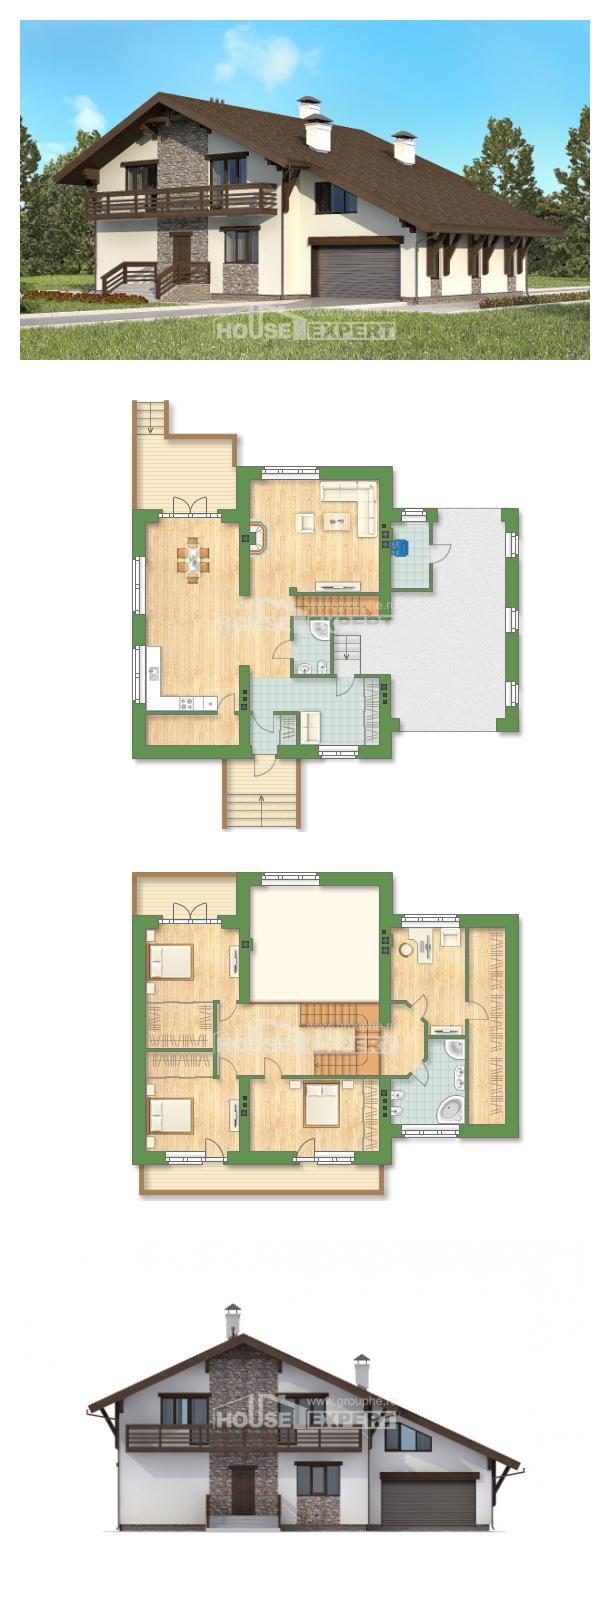 Proyecto de casa 280-001-R   House Expert